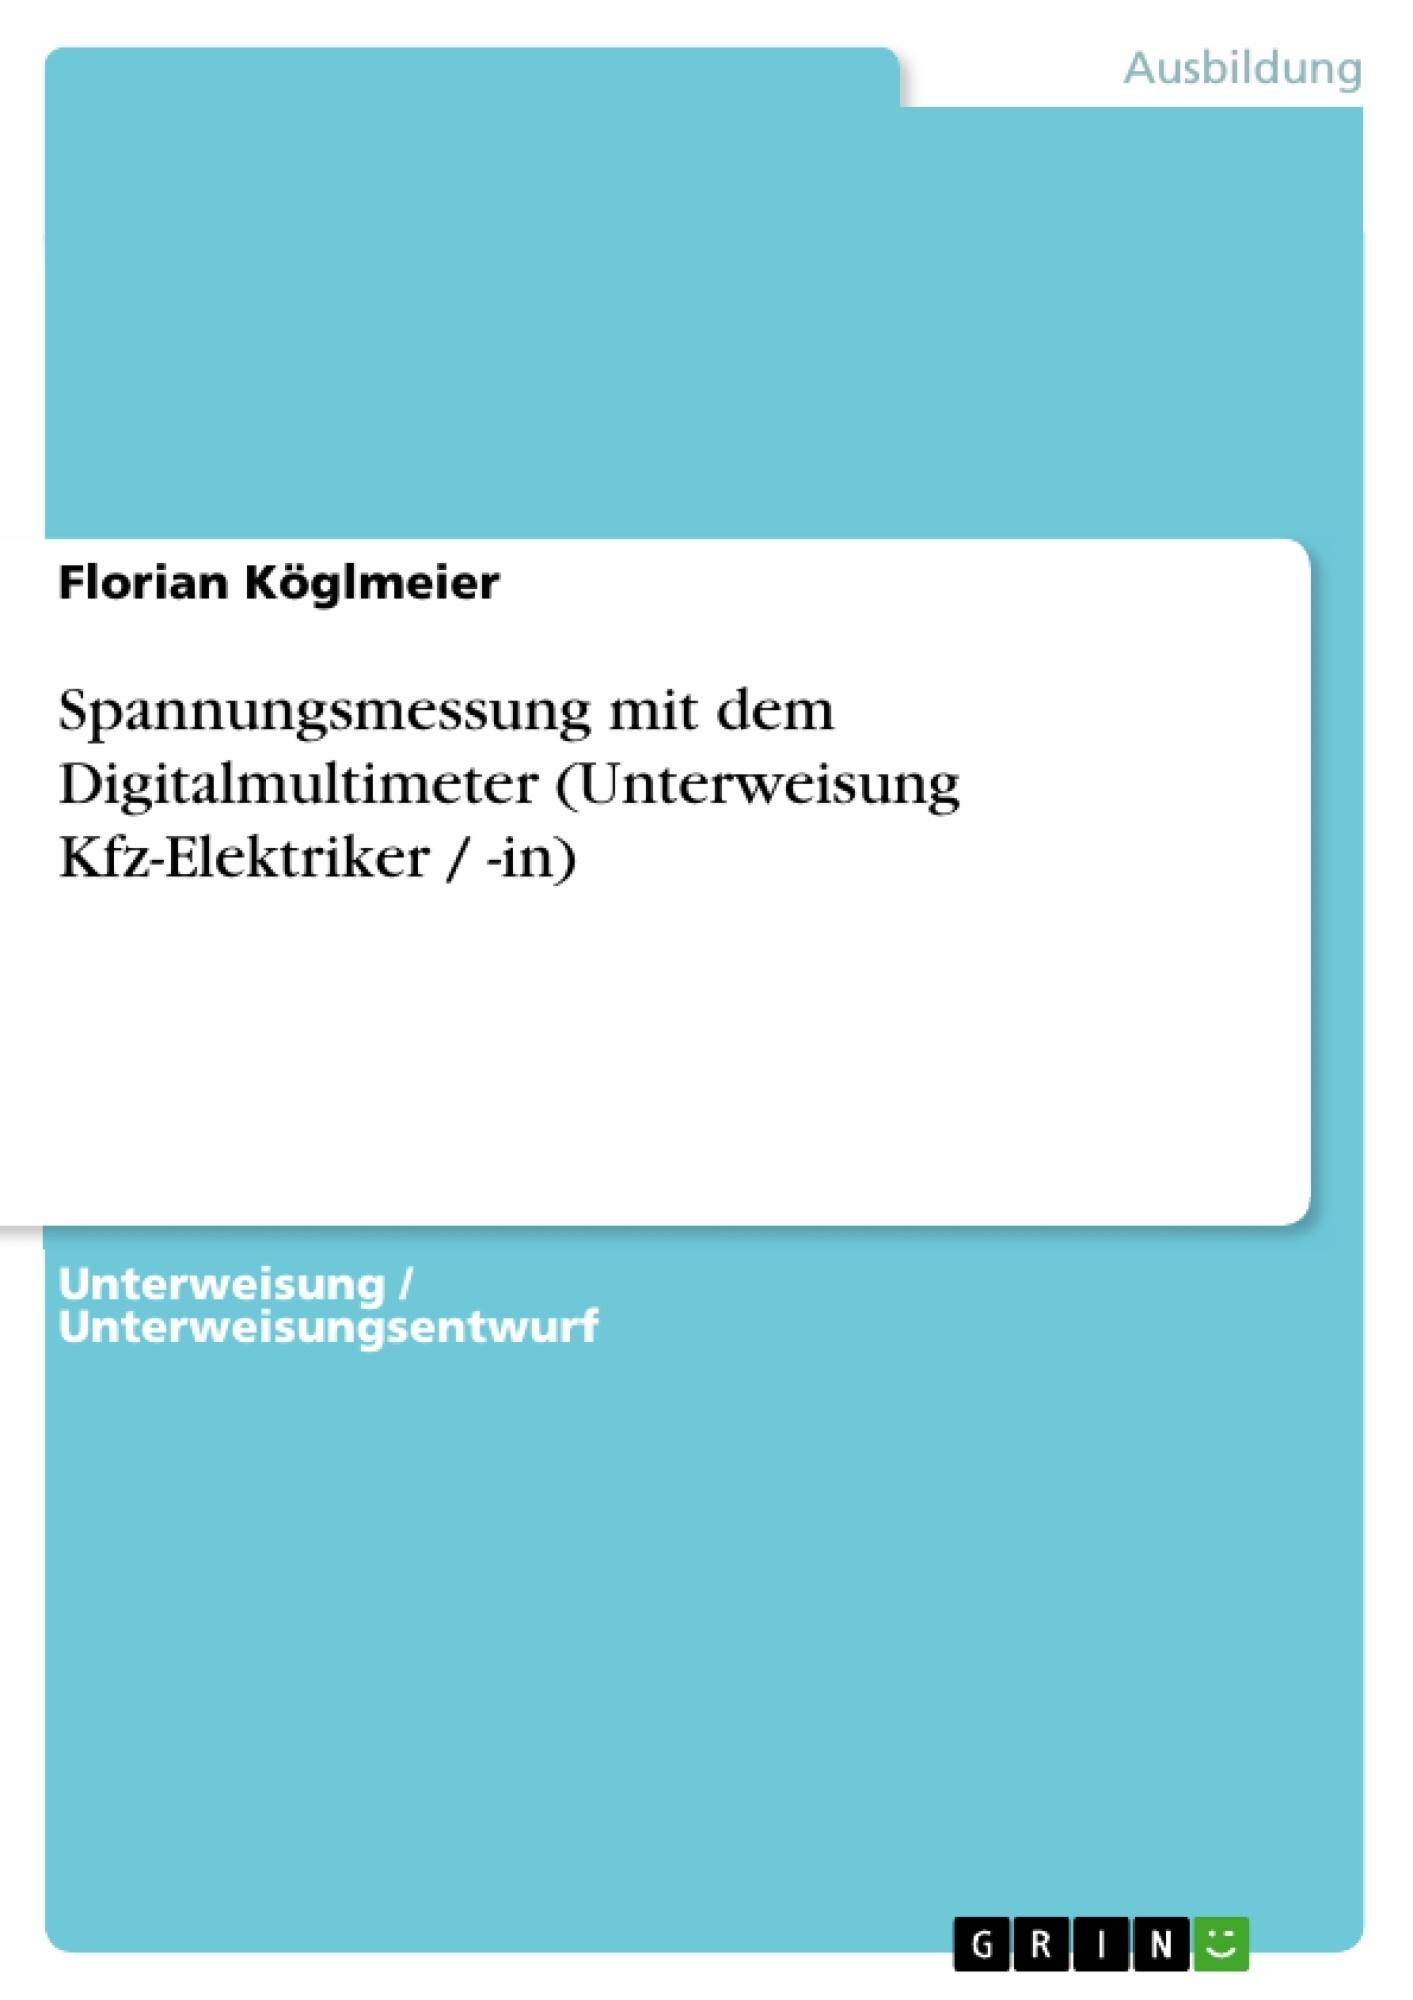 Titel: Spannungsmessung mit dem Digitalmultimeter (Unterweisung Kfz-Elektriker / -in)